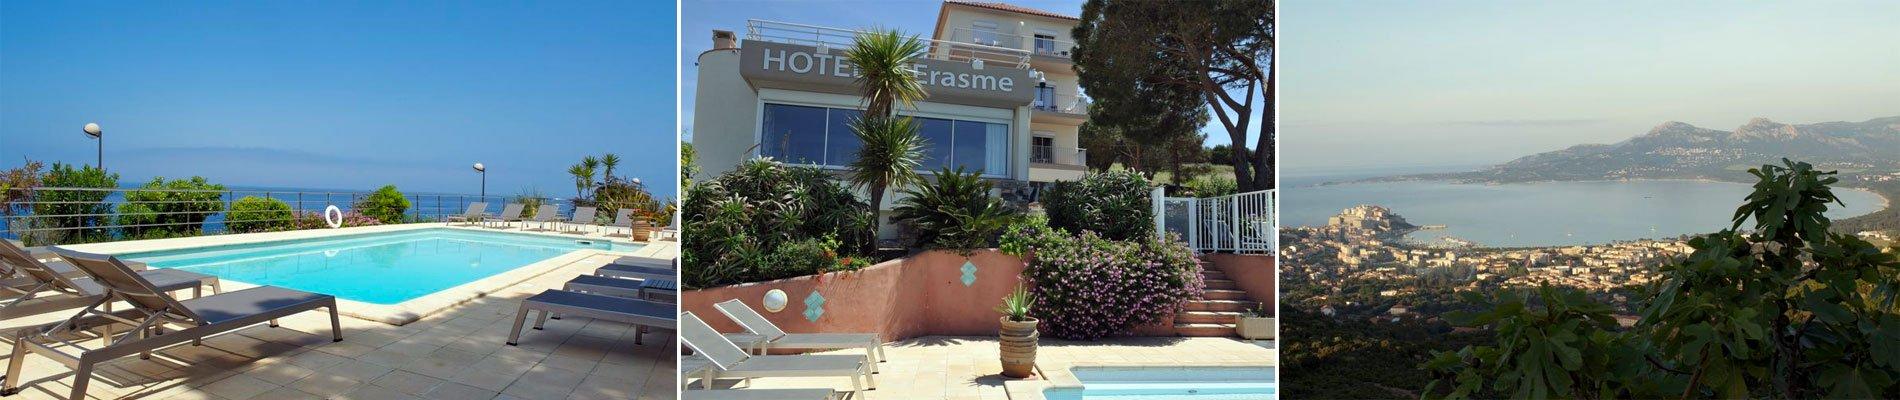 hotel-saint-erasme-calvi-corsica-reizen